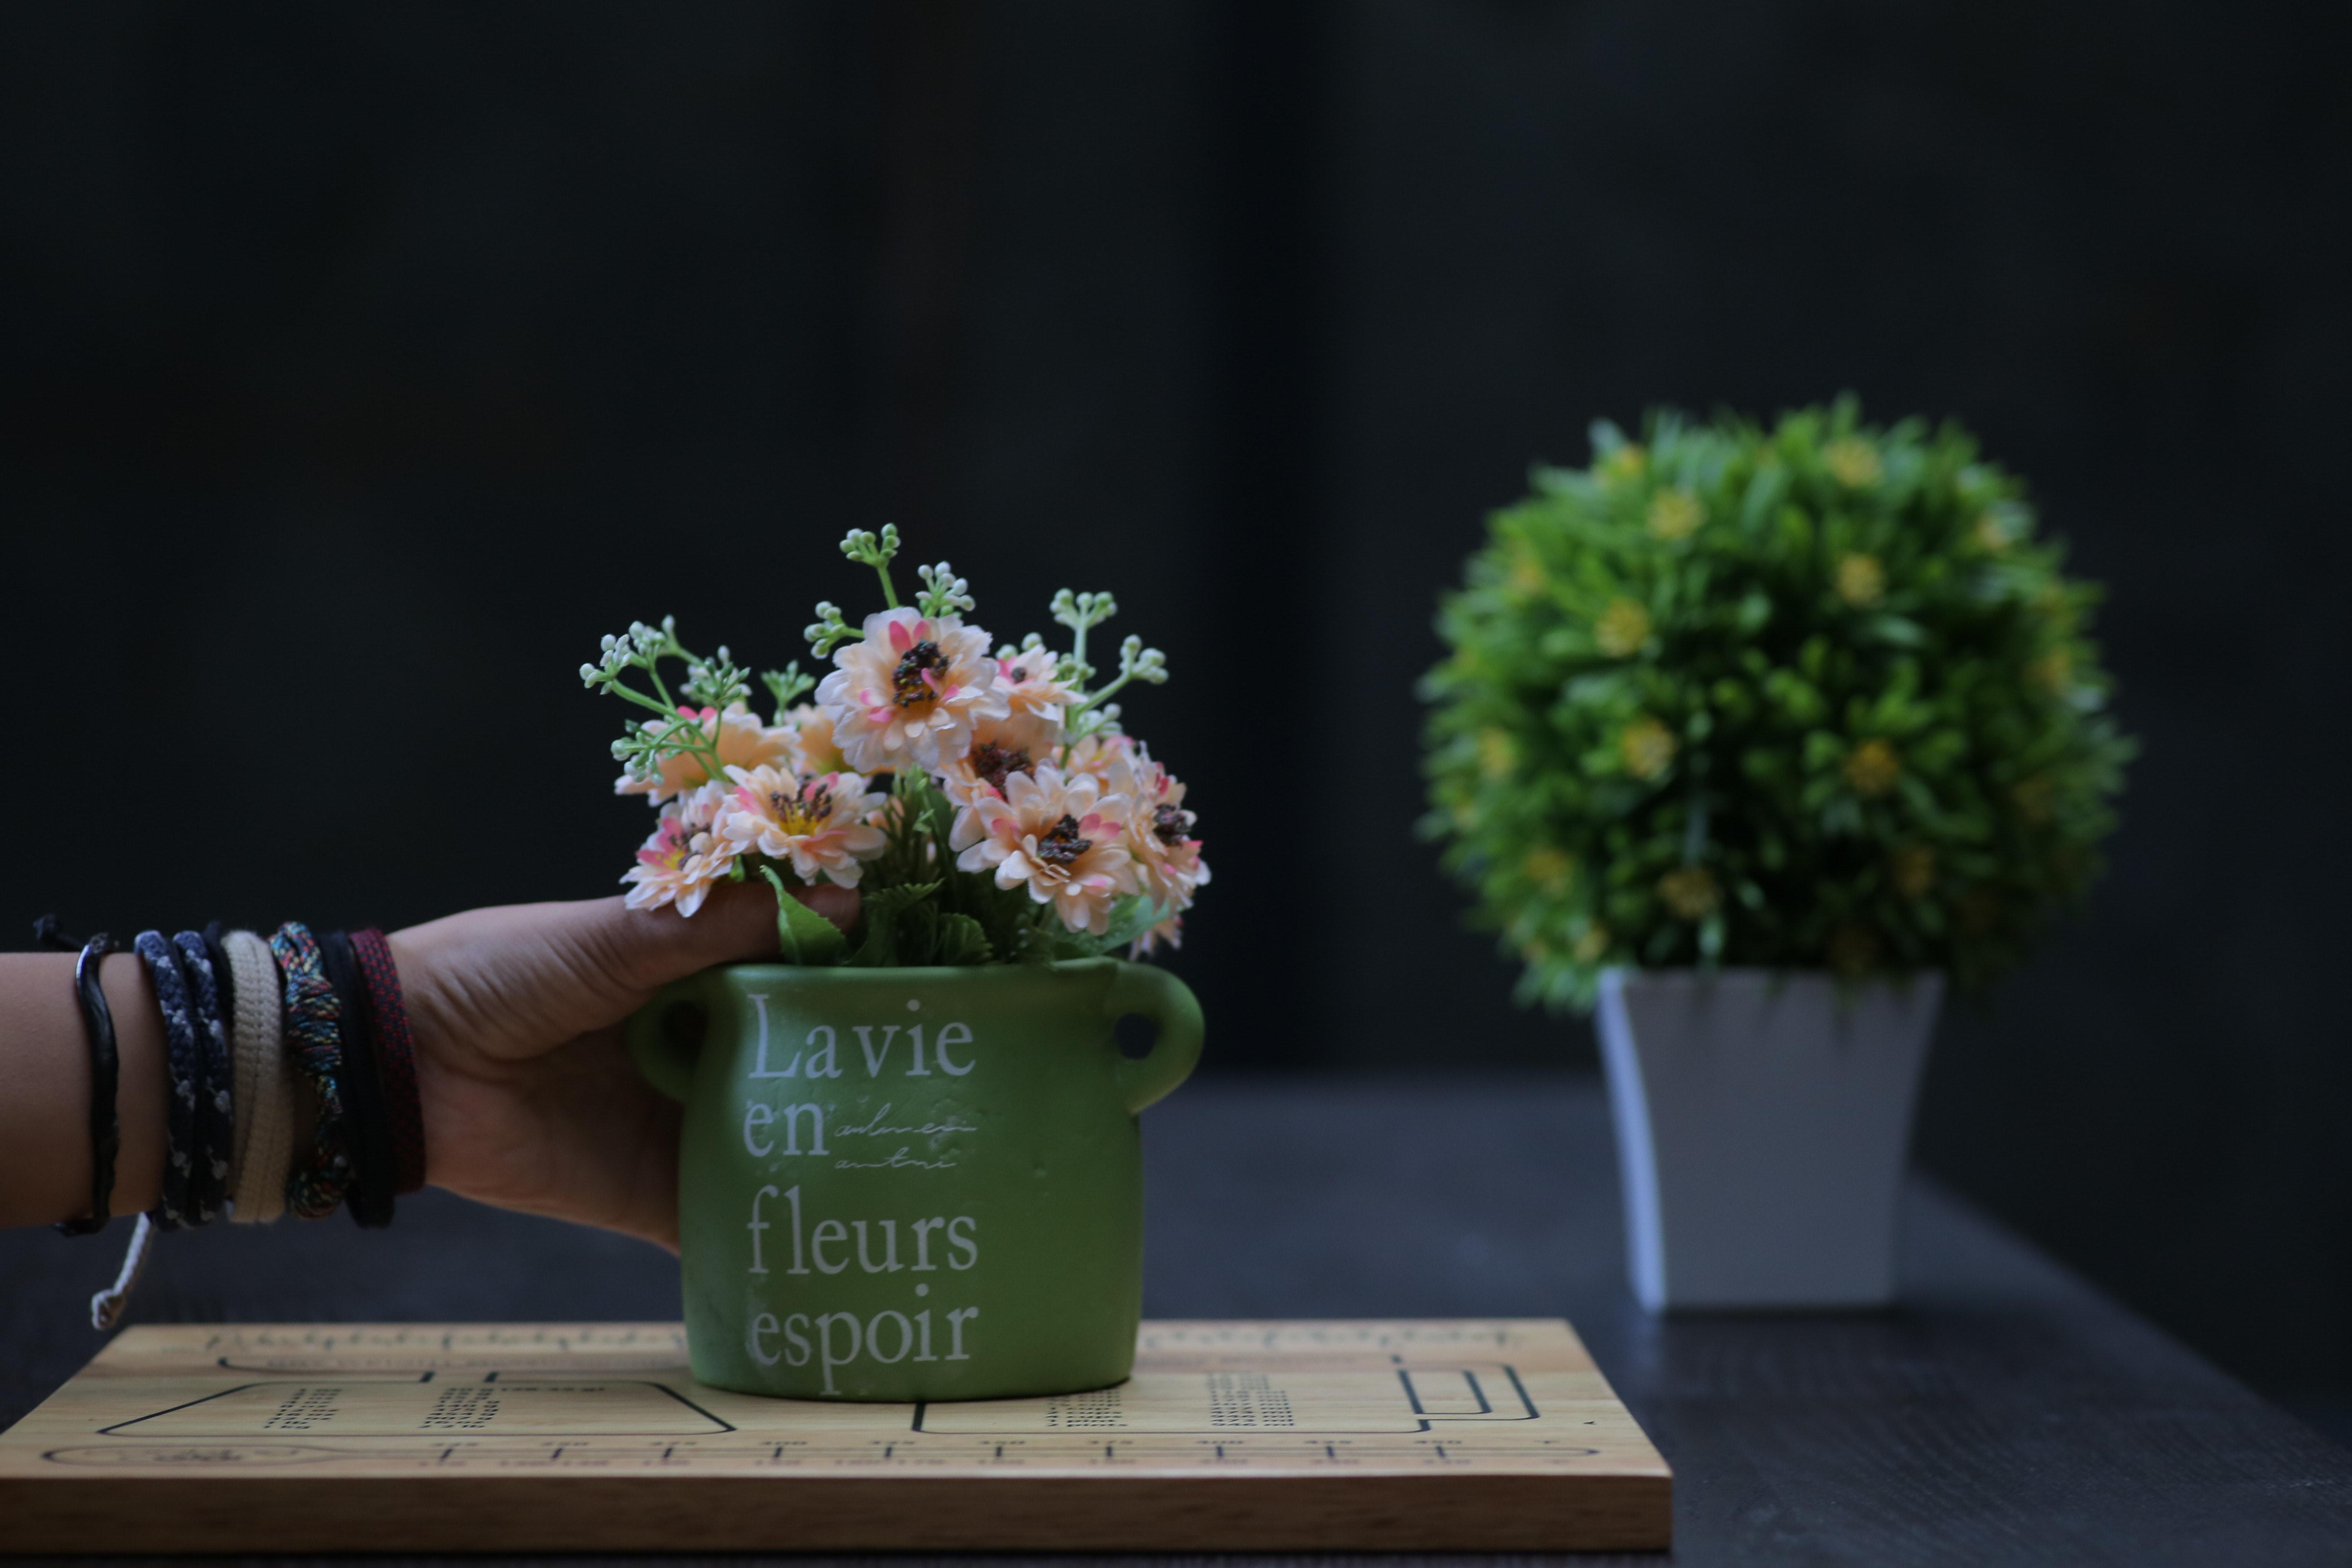 rozostřeného pozadí barvy ženský flóra aranžování květin květiny růst ruka  pokojové rostliny uvnitř listy osoba hrnce 3f75e40fb7f